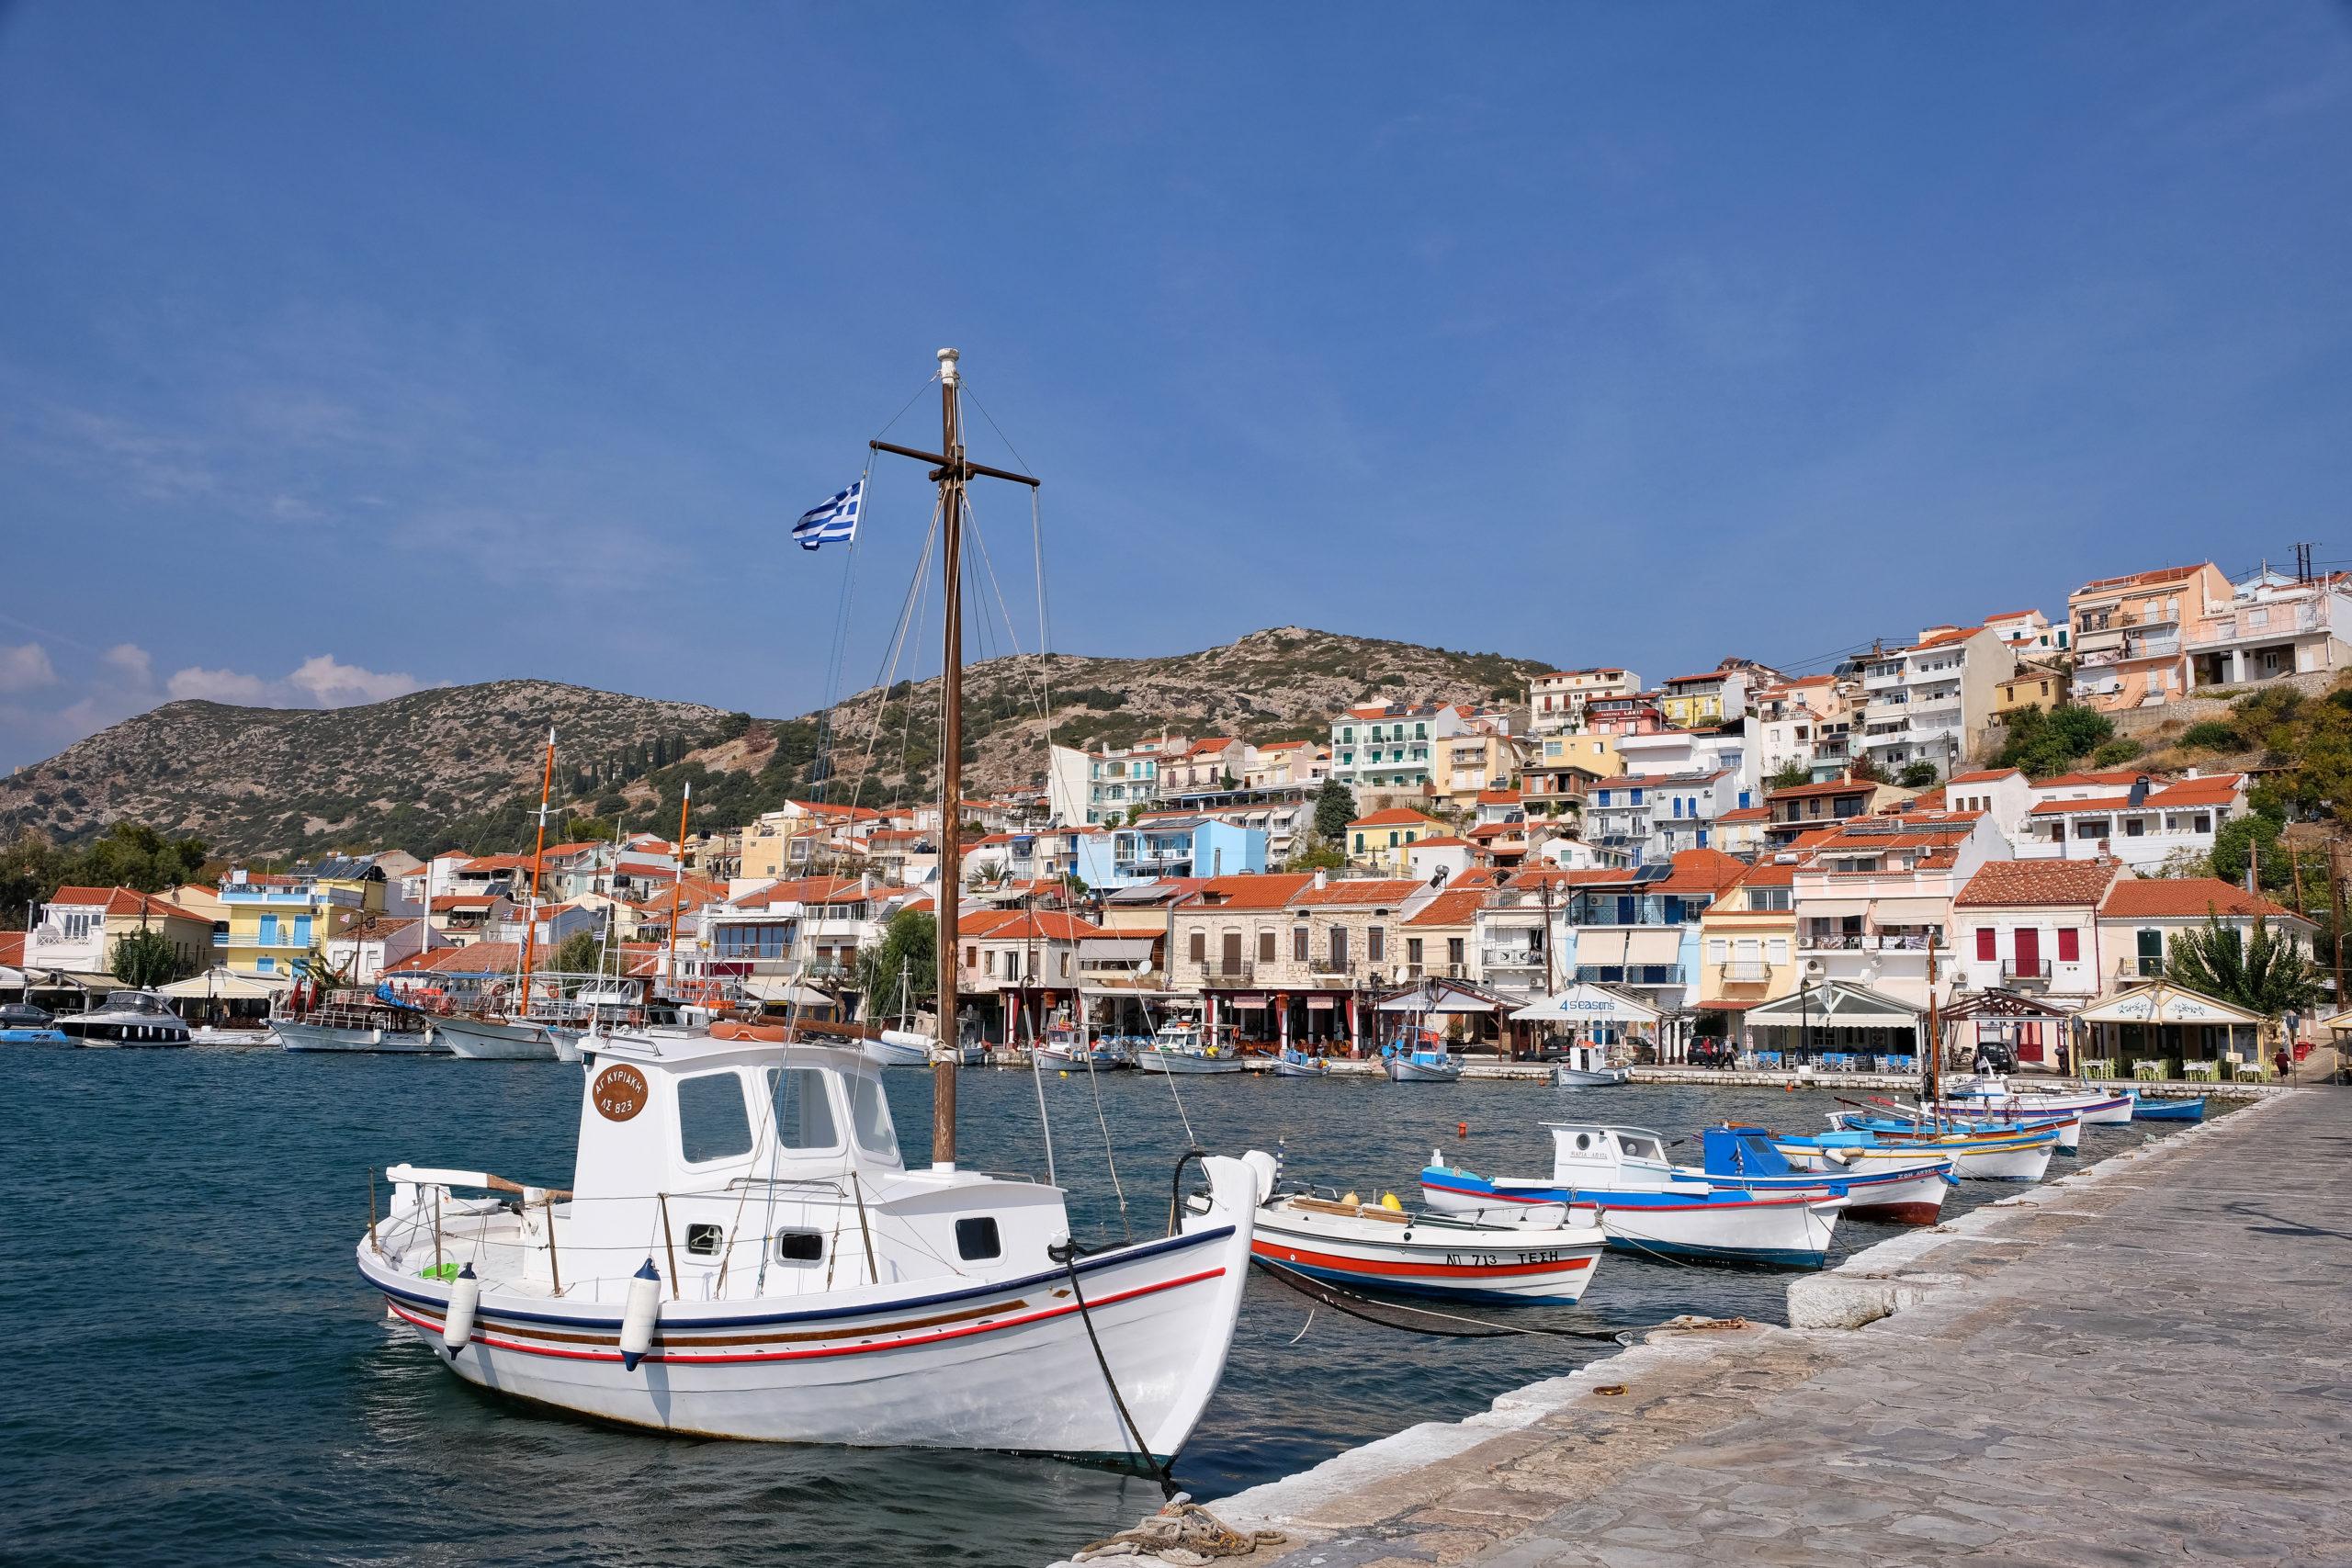 Malebný přístav s nábřežní promenádou